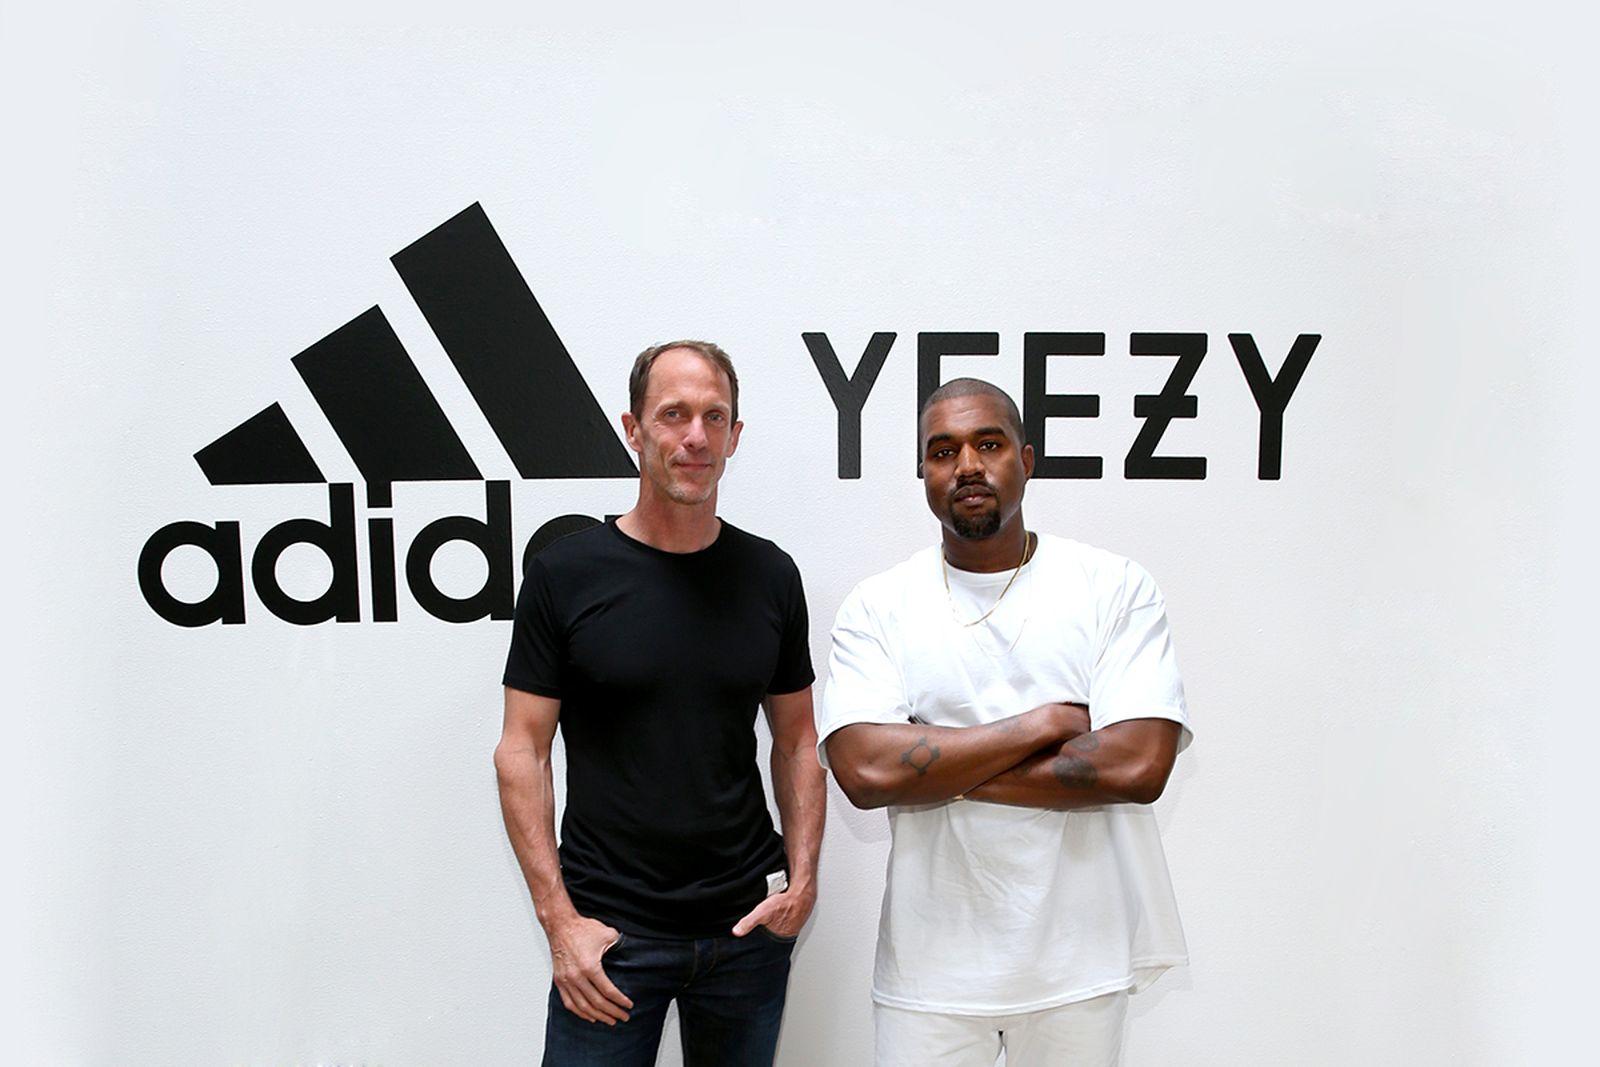 Eric Liedtke Kanye West adidas YEEZY